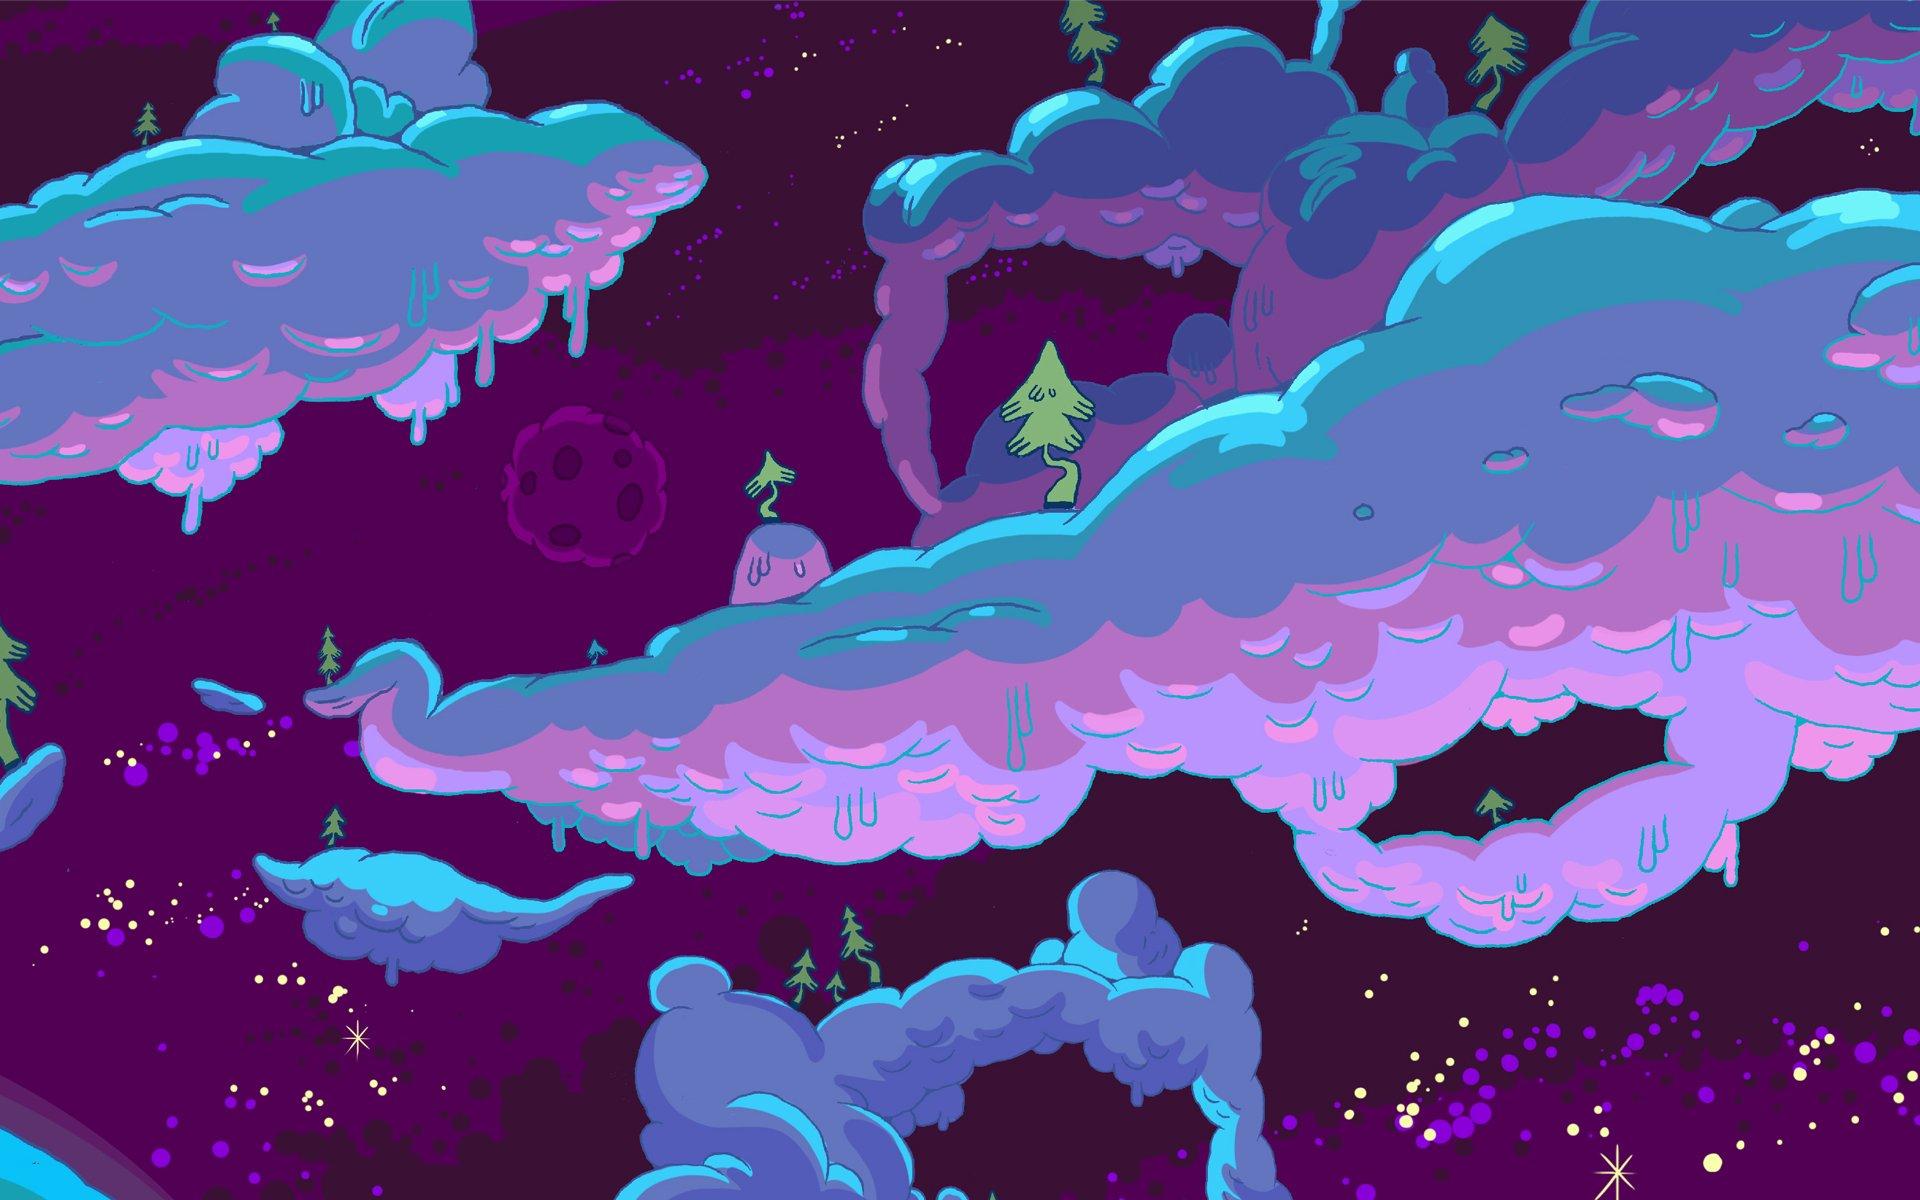 Il gioco dell'universo